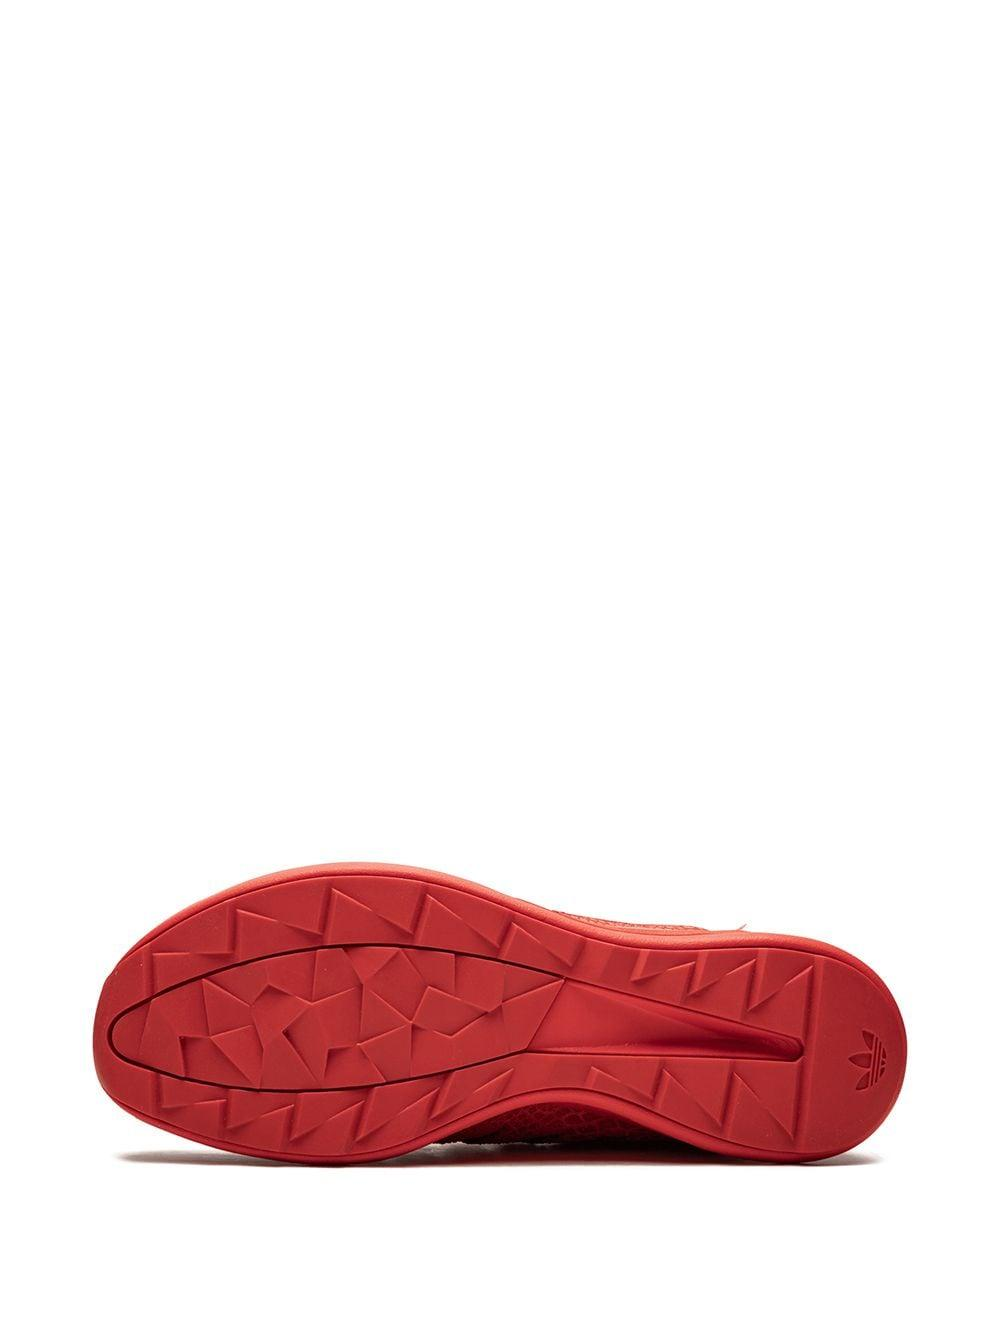 adidas Synthetisch Sl Loop Runner Tr Sneakers in het Rood voor heren